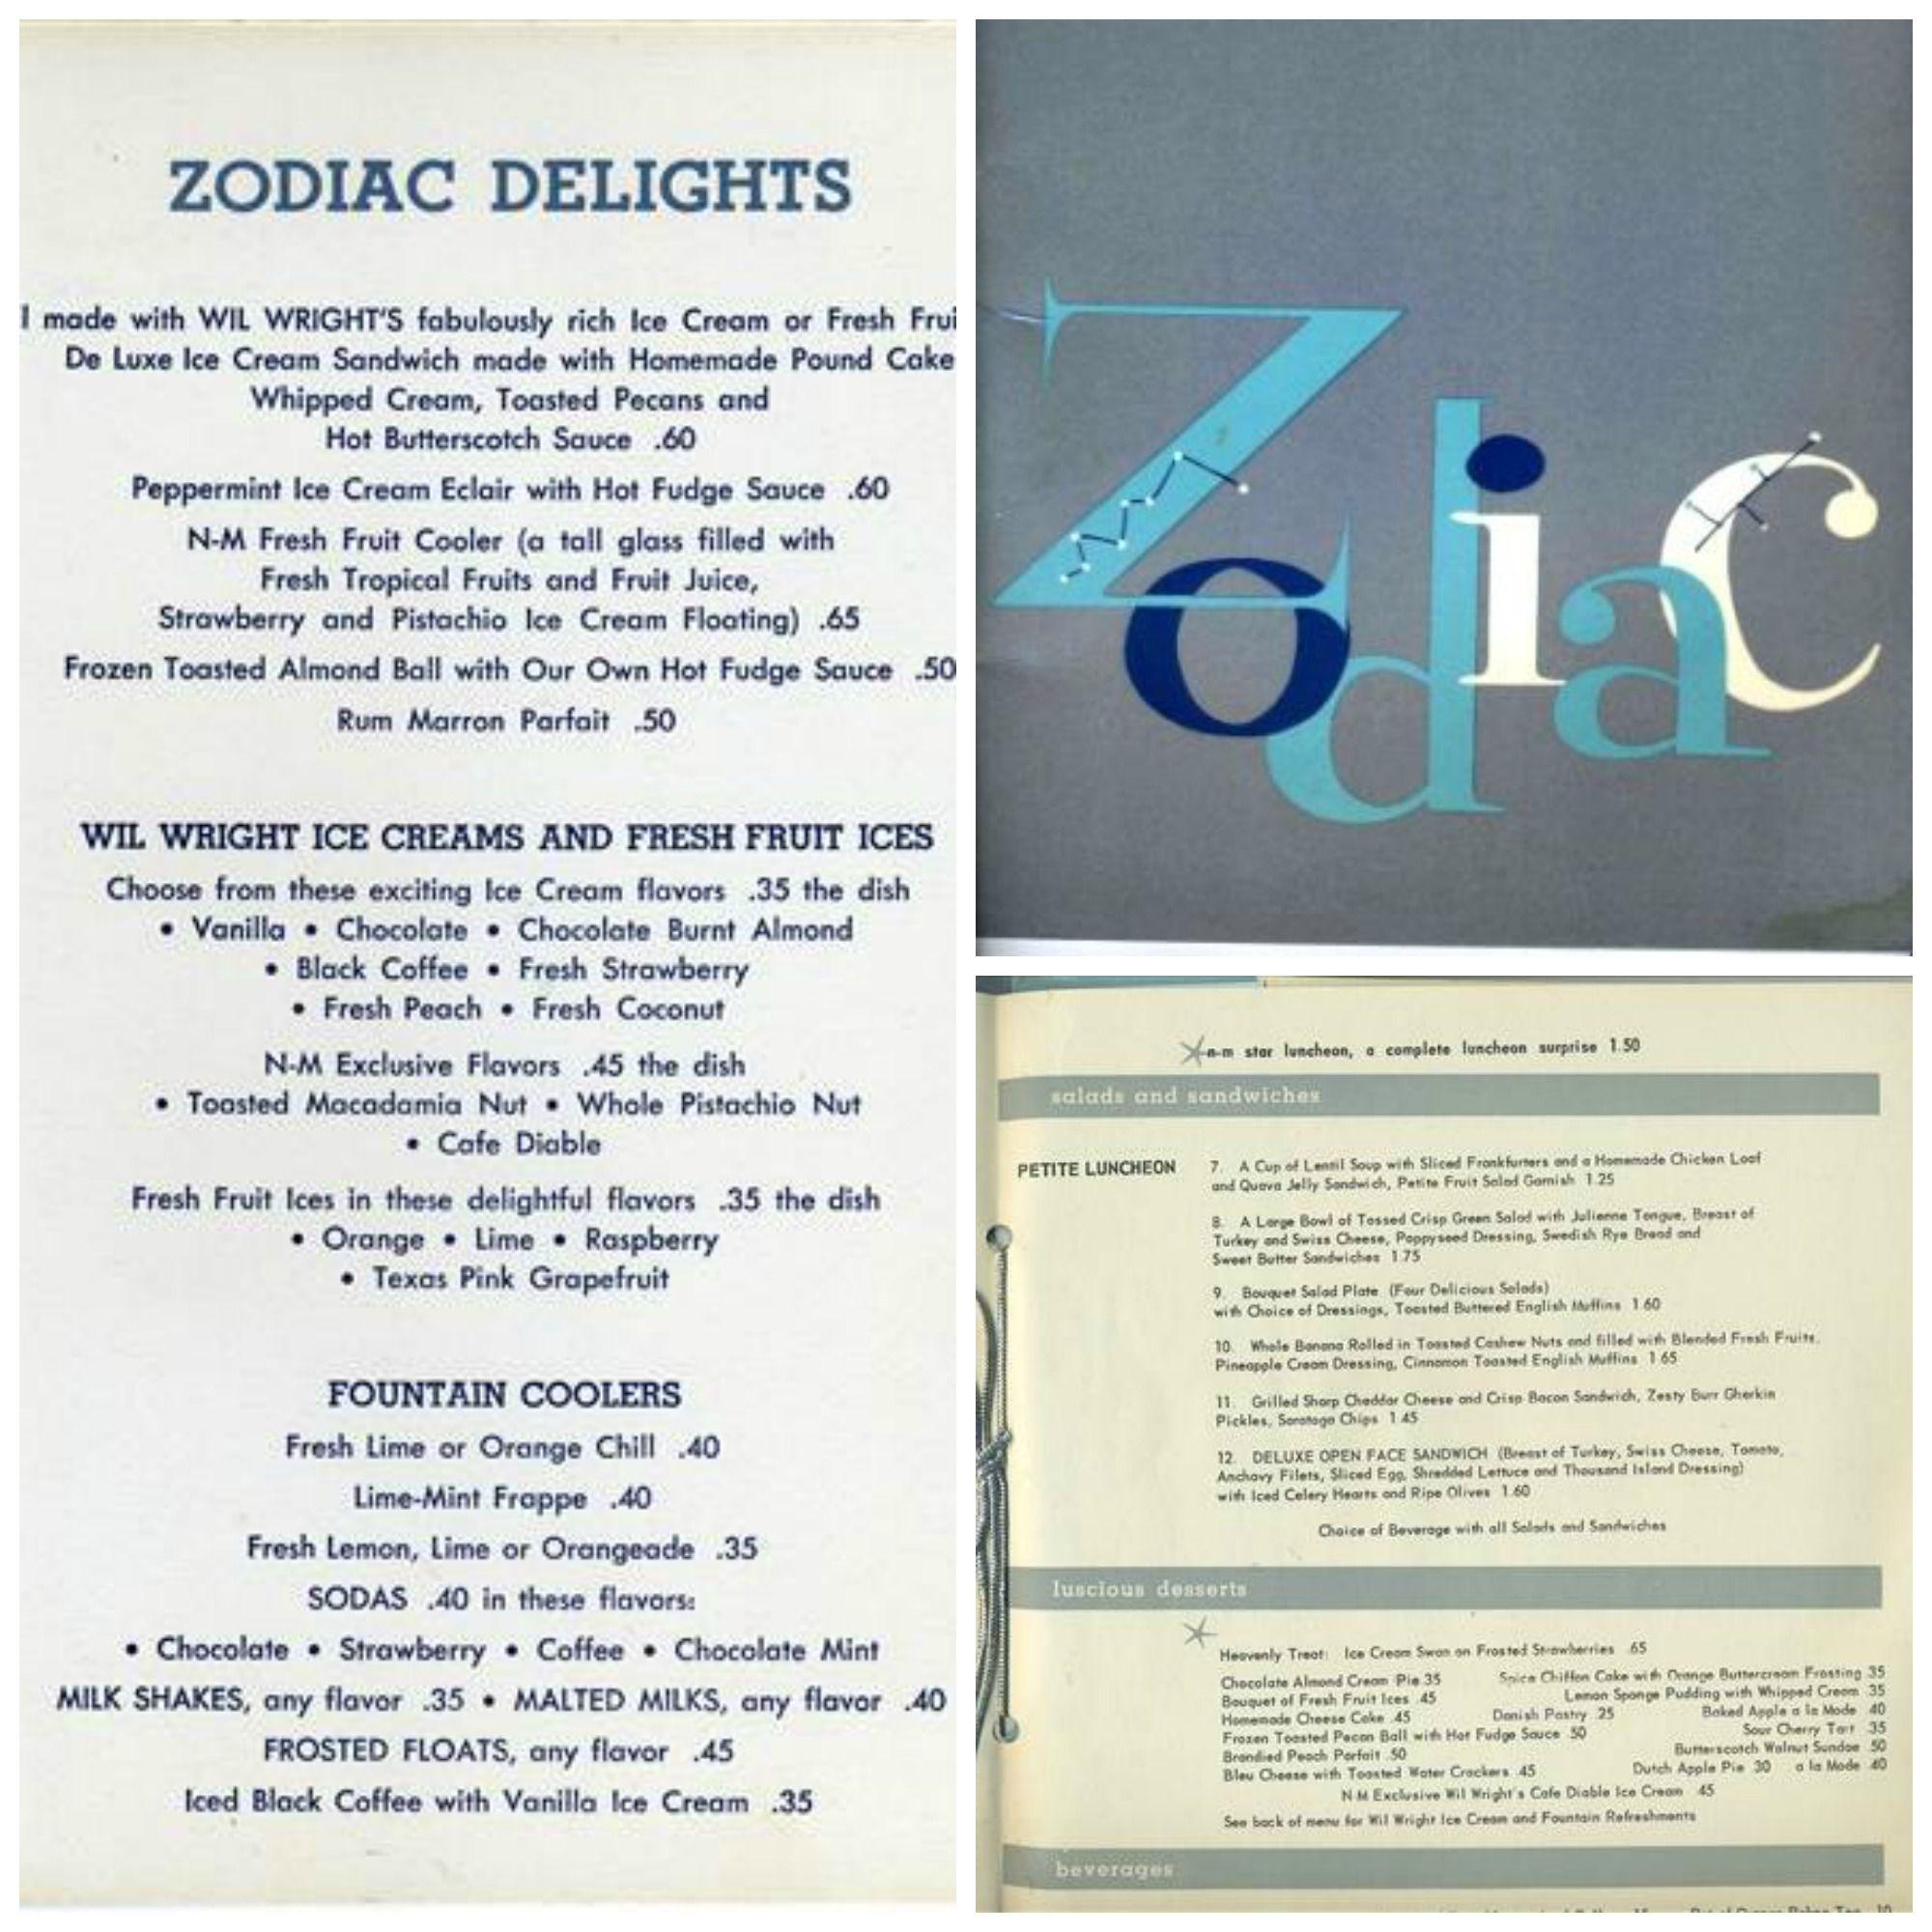 Zodiac Room Menu Fort Worth